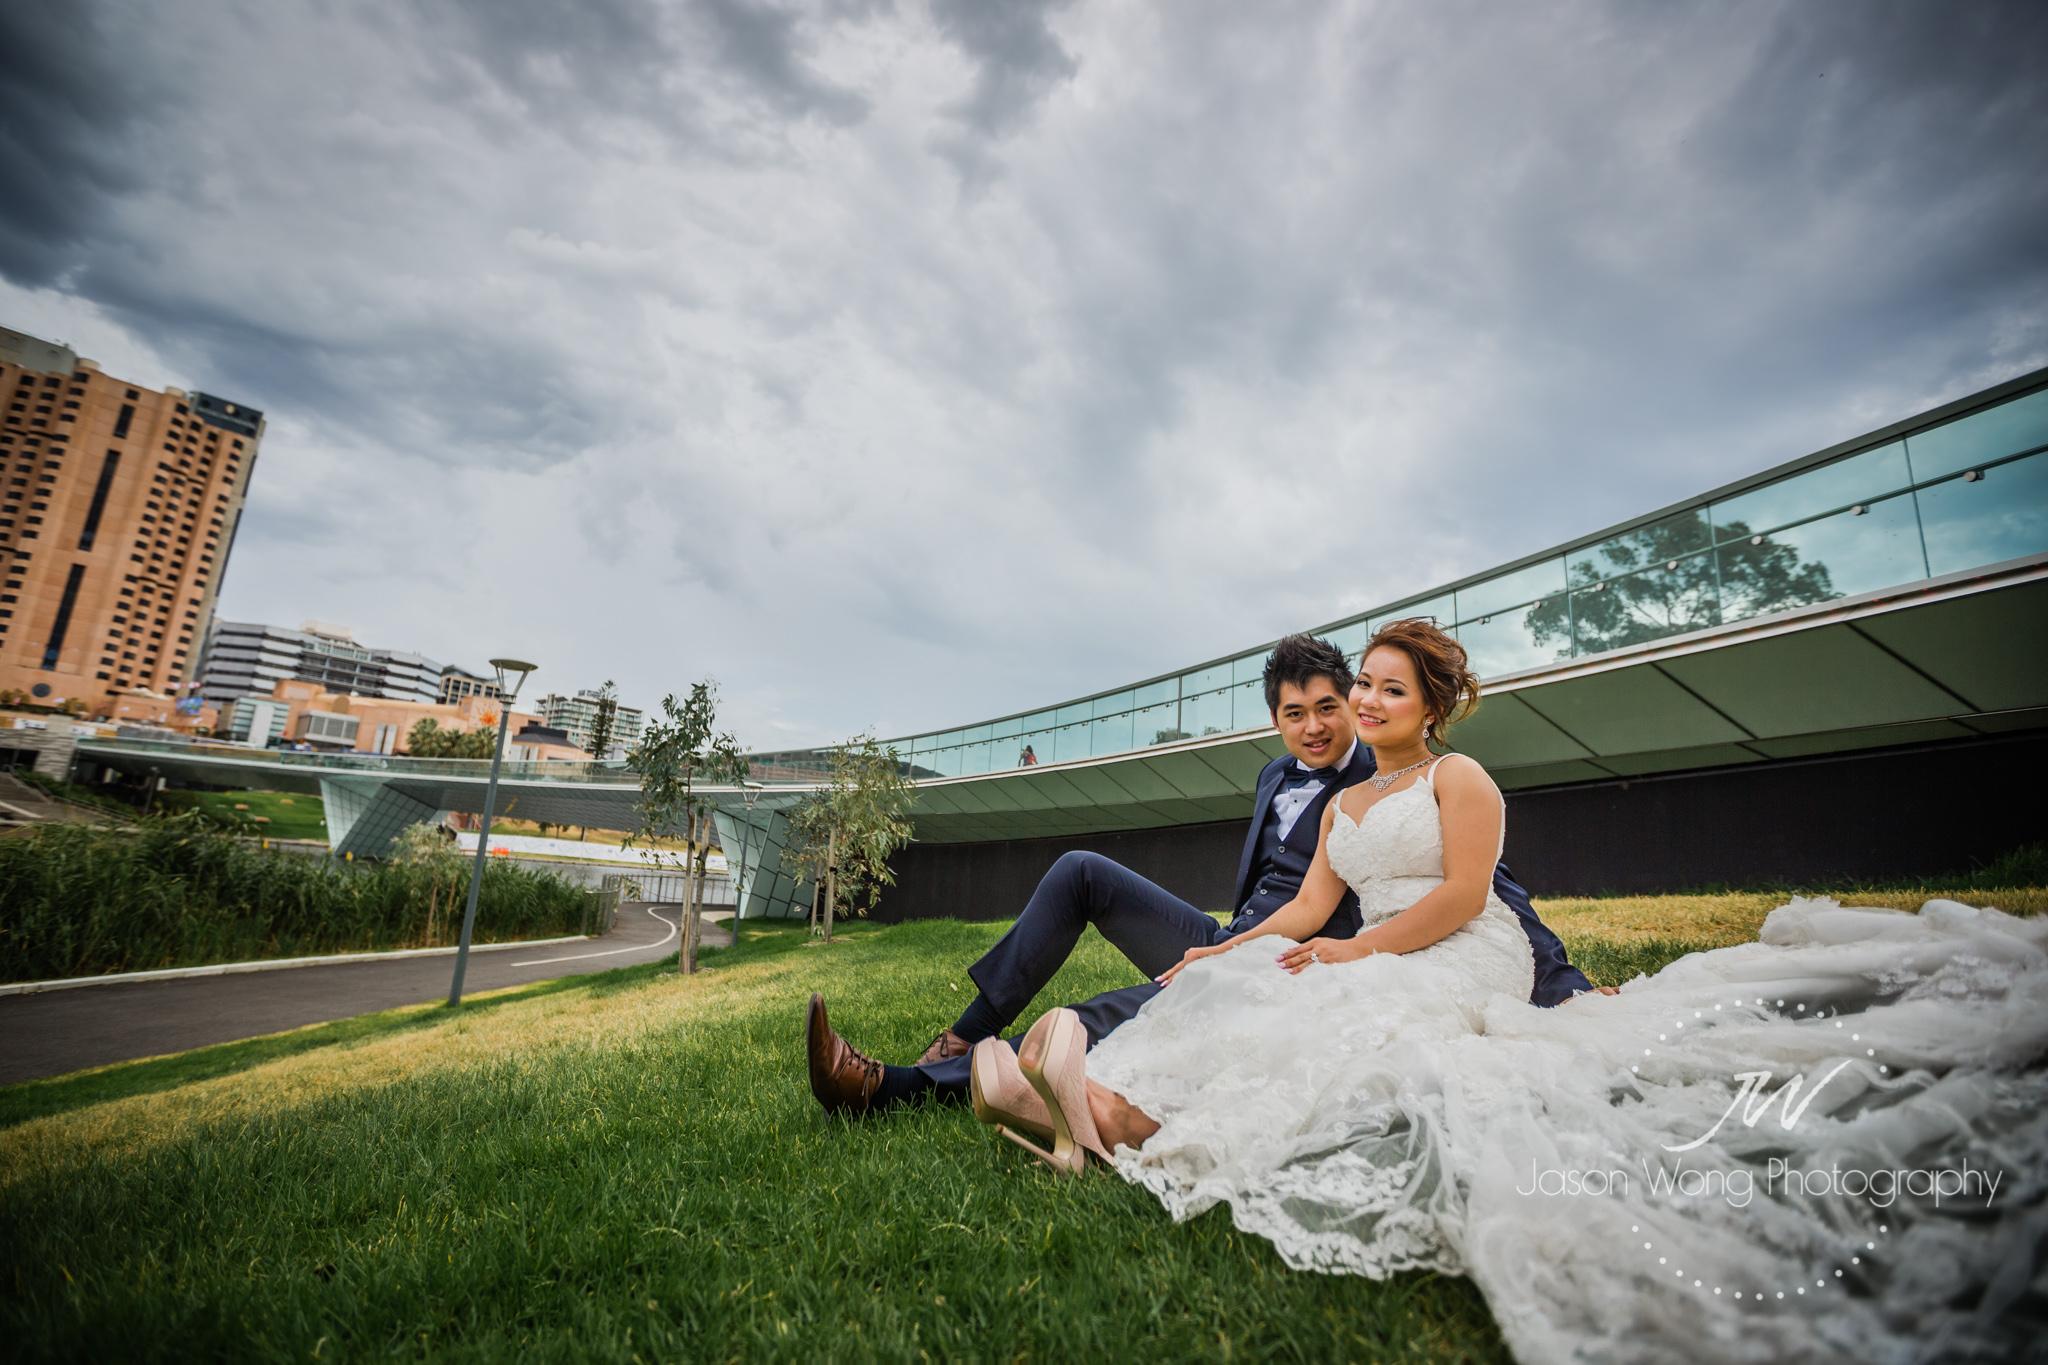 bride-and-groom-at-adelaide-oval-footbridge.jpg